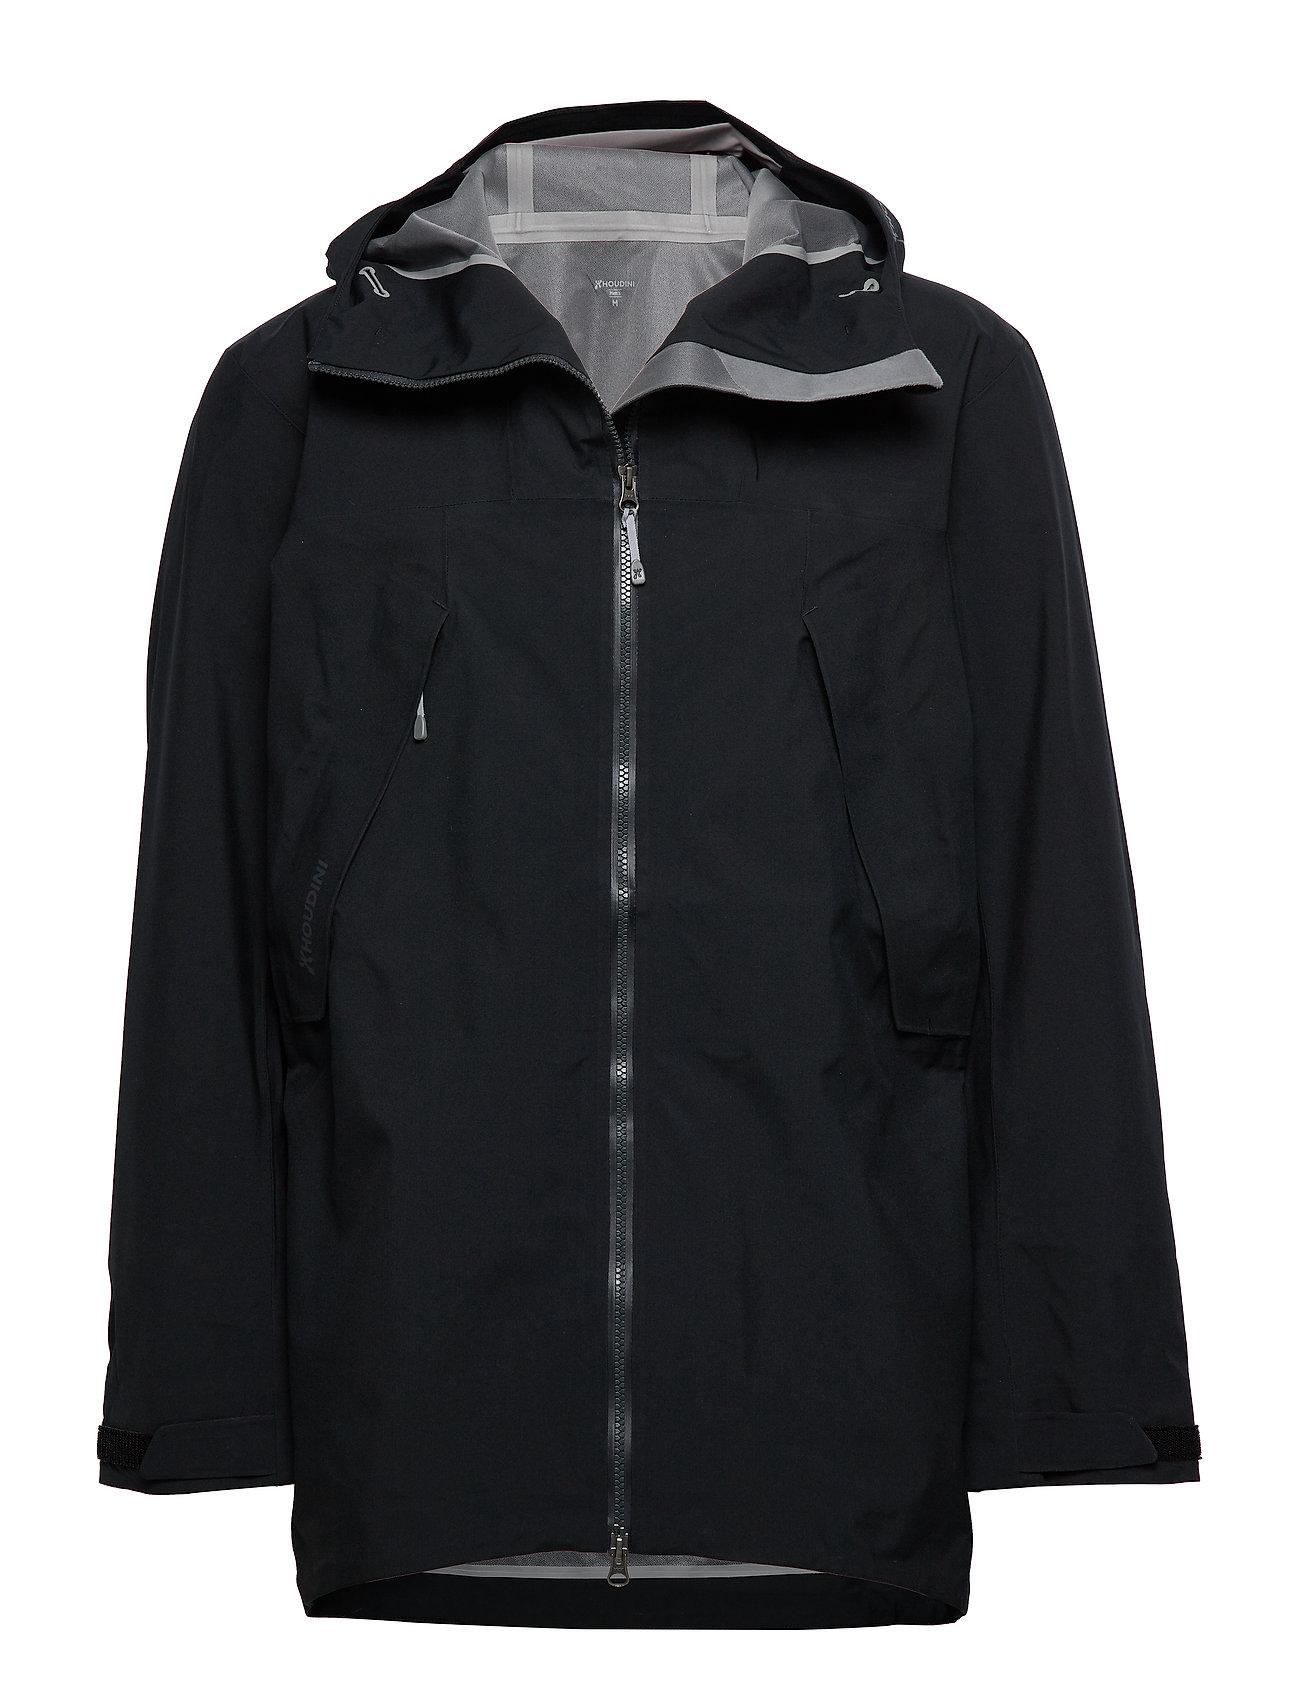 Houdini M's Leeward Jacket - TRUE BLACK